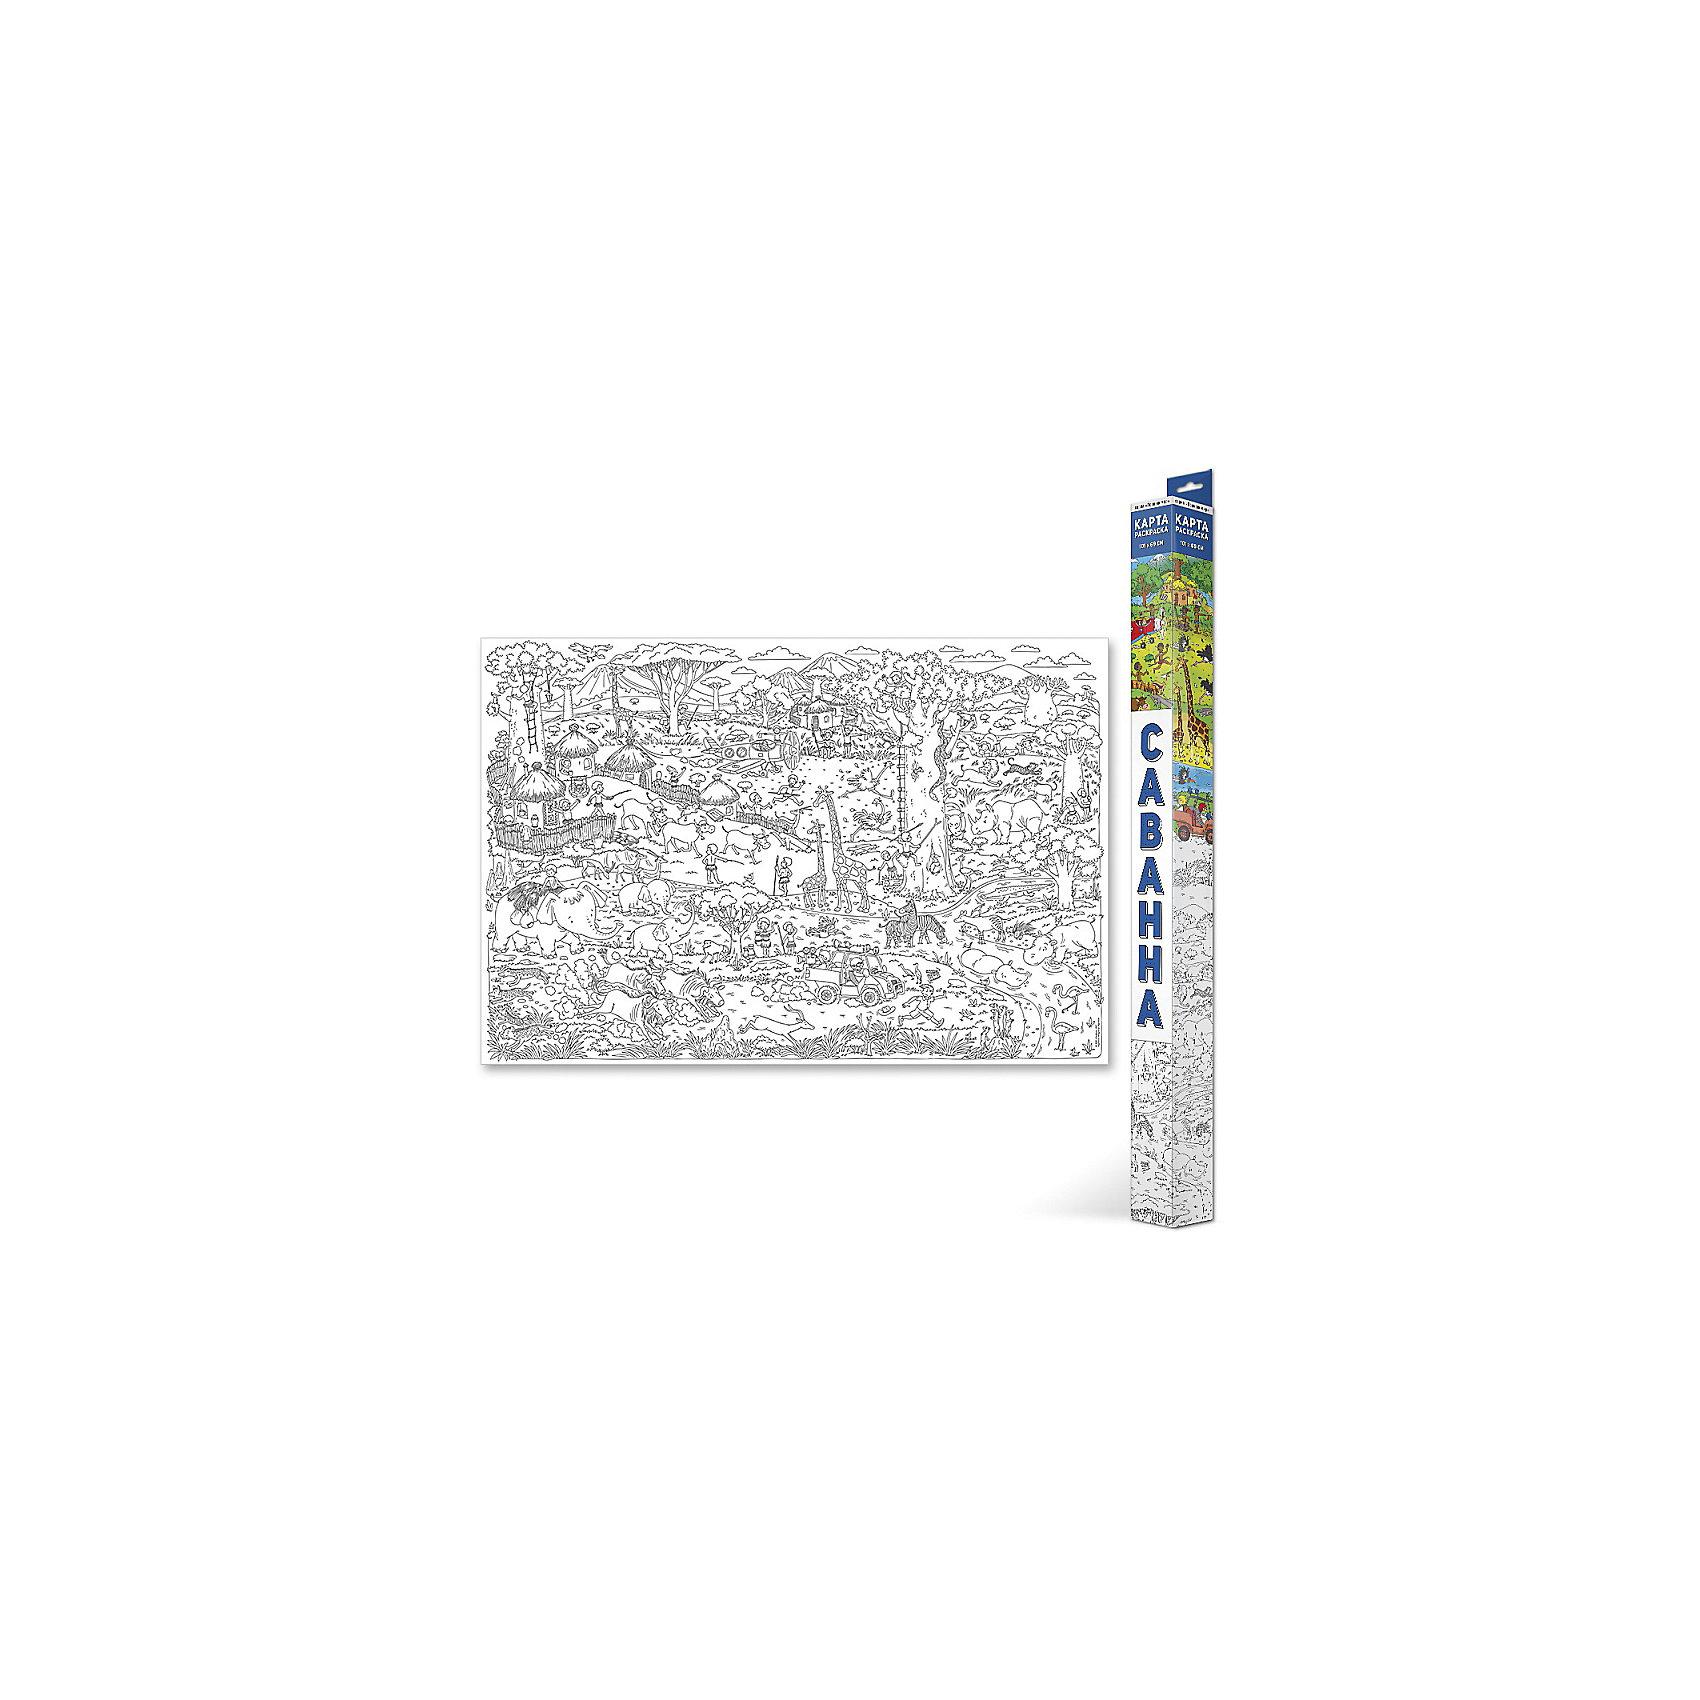 Большая раскраска СаваннаРисование<br>Характеристики товара:<br><br>• возраст от 3 лет;<br>• материал: картон;<br>• размер раскраски 101х69 см;<br>• размер упаковки 76х6х6 см;<br>• вес упаковки 175 гр.;<br>• страна производитель: Россия.<br><br>Большая раскраска «Саванна» ГеоДом — увлекательное занятие, которое погрузит детей в мир африканских саванн. Здесь можно встретить многочисленных обитателей: жирафов, слонов, носорогов. Раскрашивая картинку, ребенок познакомится с удивительным миром животных и растений Африки. В процессе у ребенка развиваются творческие способности, воображение, внимательность к деталям и усидчивость.<br><br>Большую раскраску «Саванна» ГеоДом можно приобрести в нашем интернет-магазине.<br><br>Ширина мм: 760<br>Глубина мм: 60<br>Высота мм: 60<br>Вес г: 175<br>Возраст от месяцев: 36<br>Возраст до месяцев: 2147483647<br>Пол: Унисекс<br>Возраст: Детский<br>SKU: 5518196